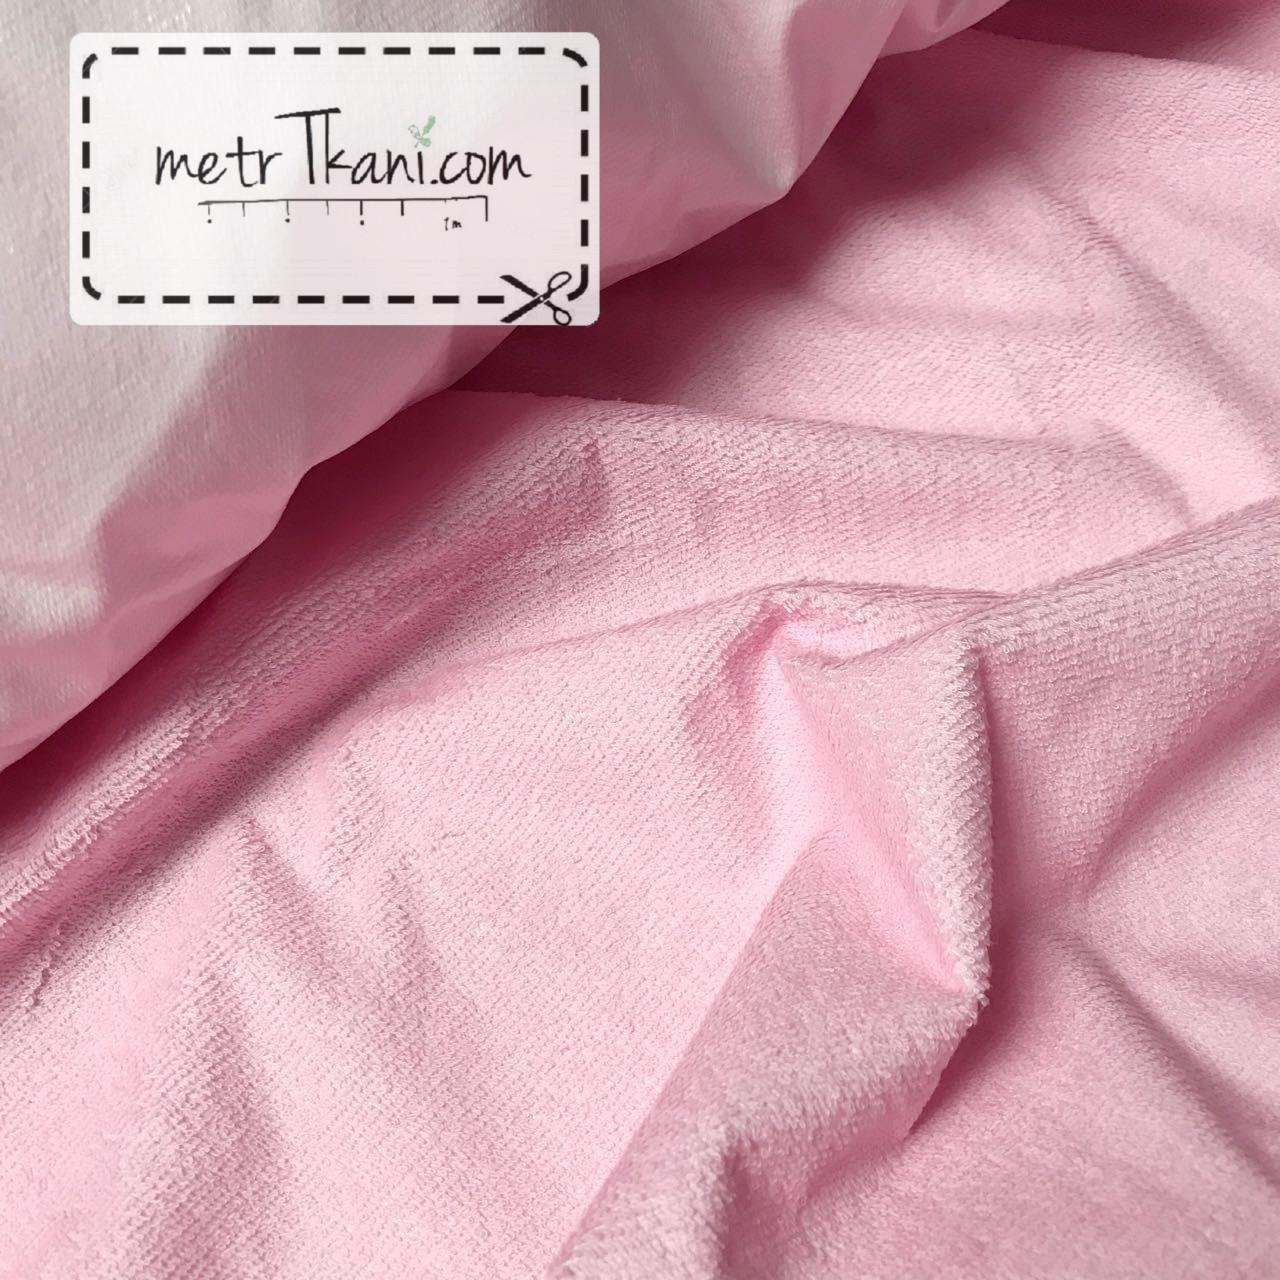 Непромокаемая ткань для пеленок ,махровая ткань, розвого цвета 180г/м/2 № МНП-3-3